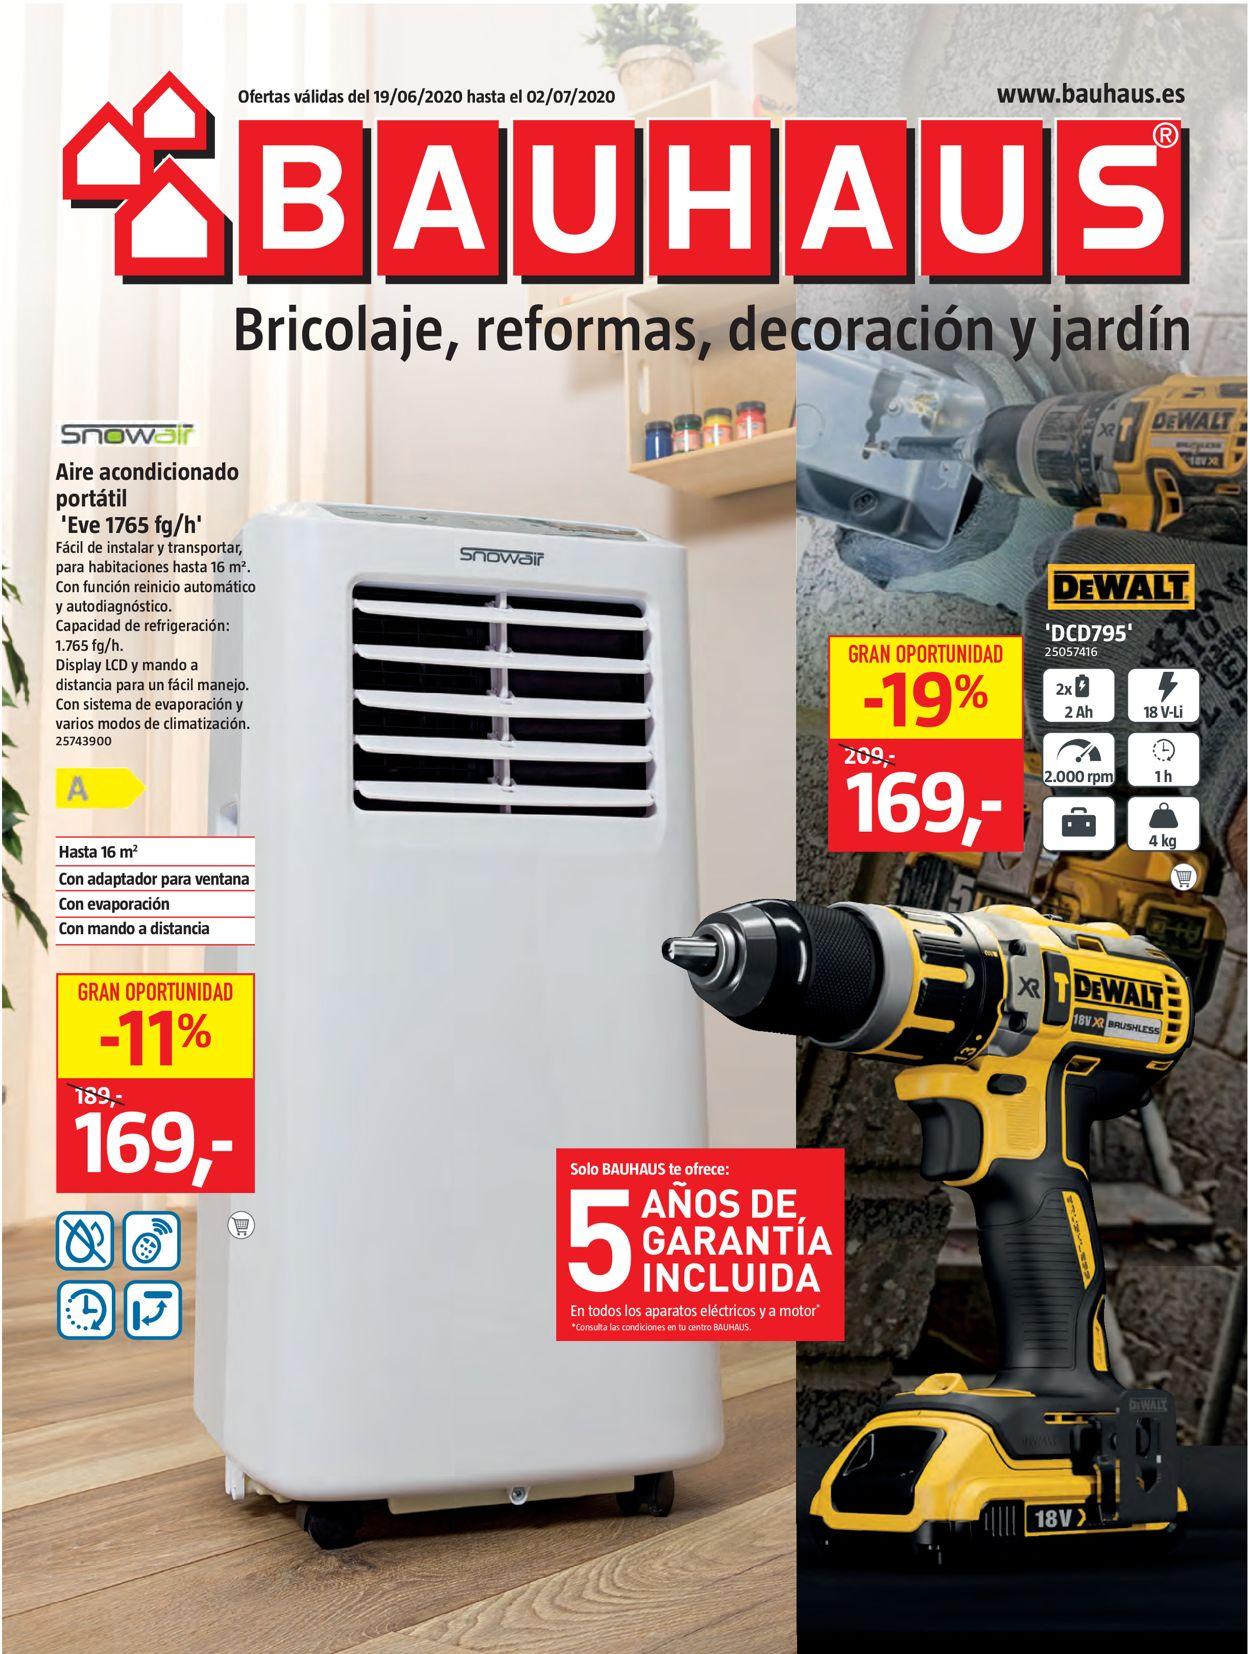 Bauhaus Folleto - 19.06-02.07.2020